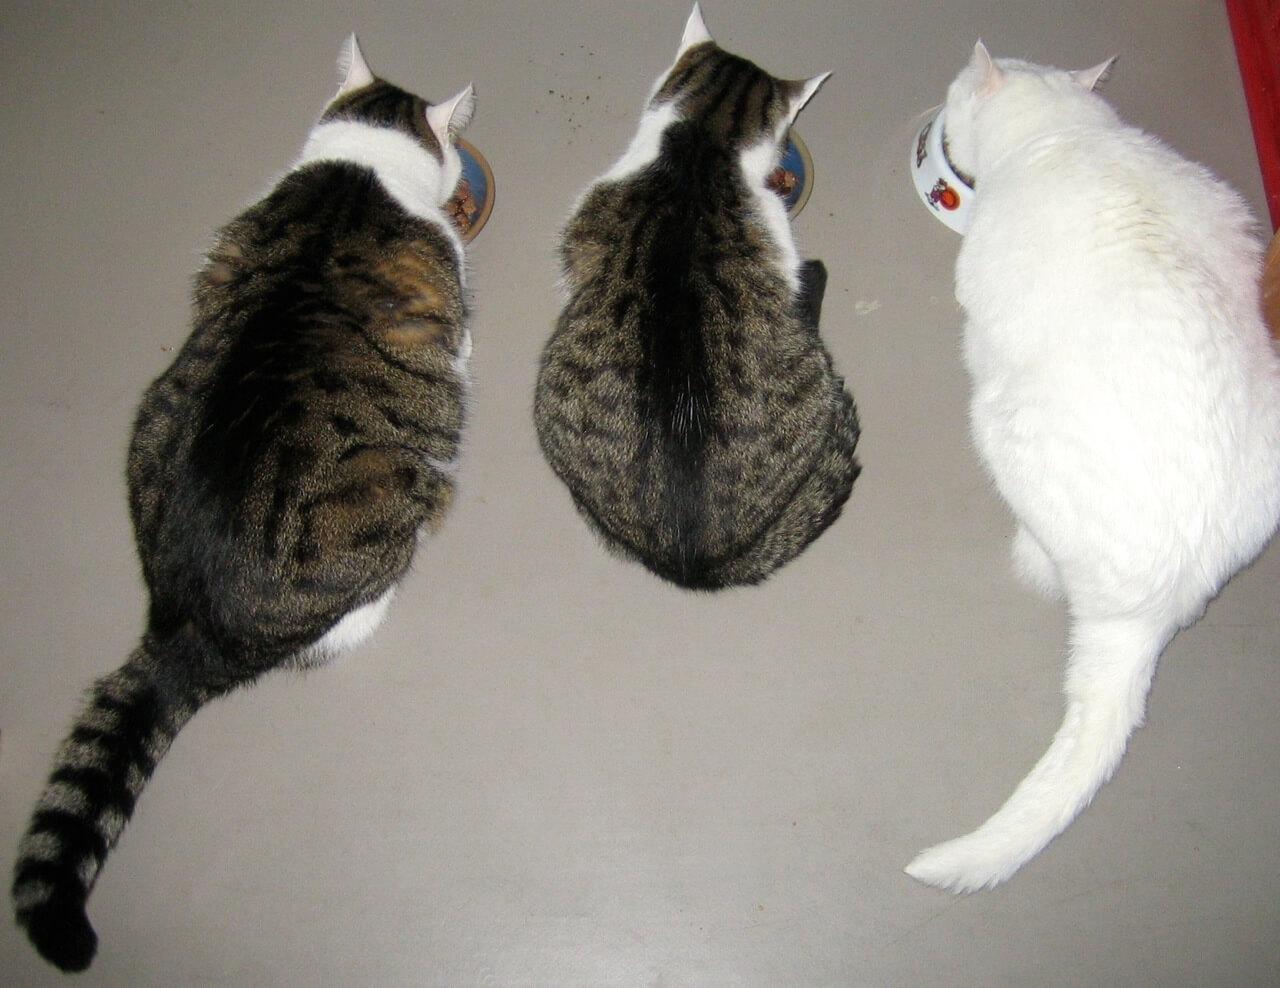 Trotz dünner katze fressen immer wird alte Katze zu